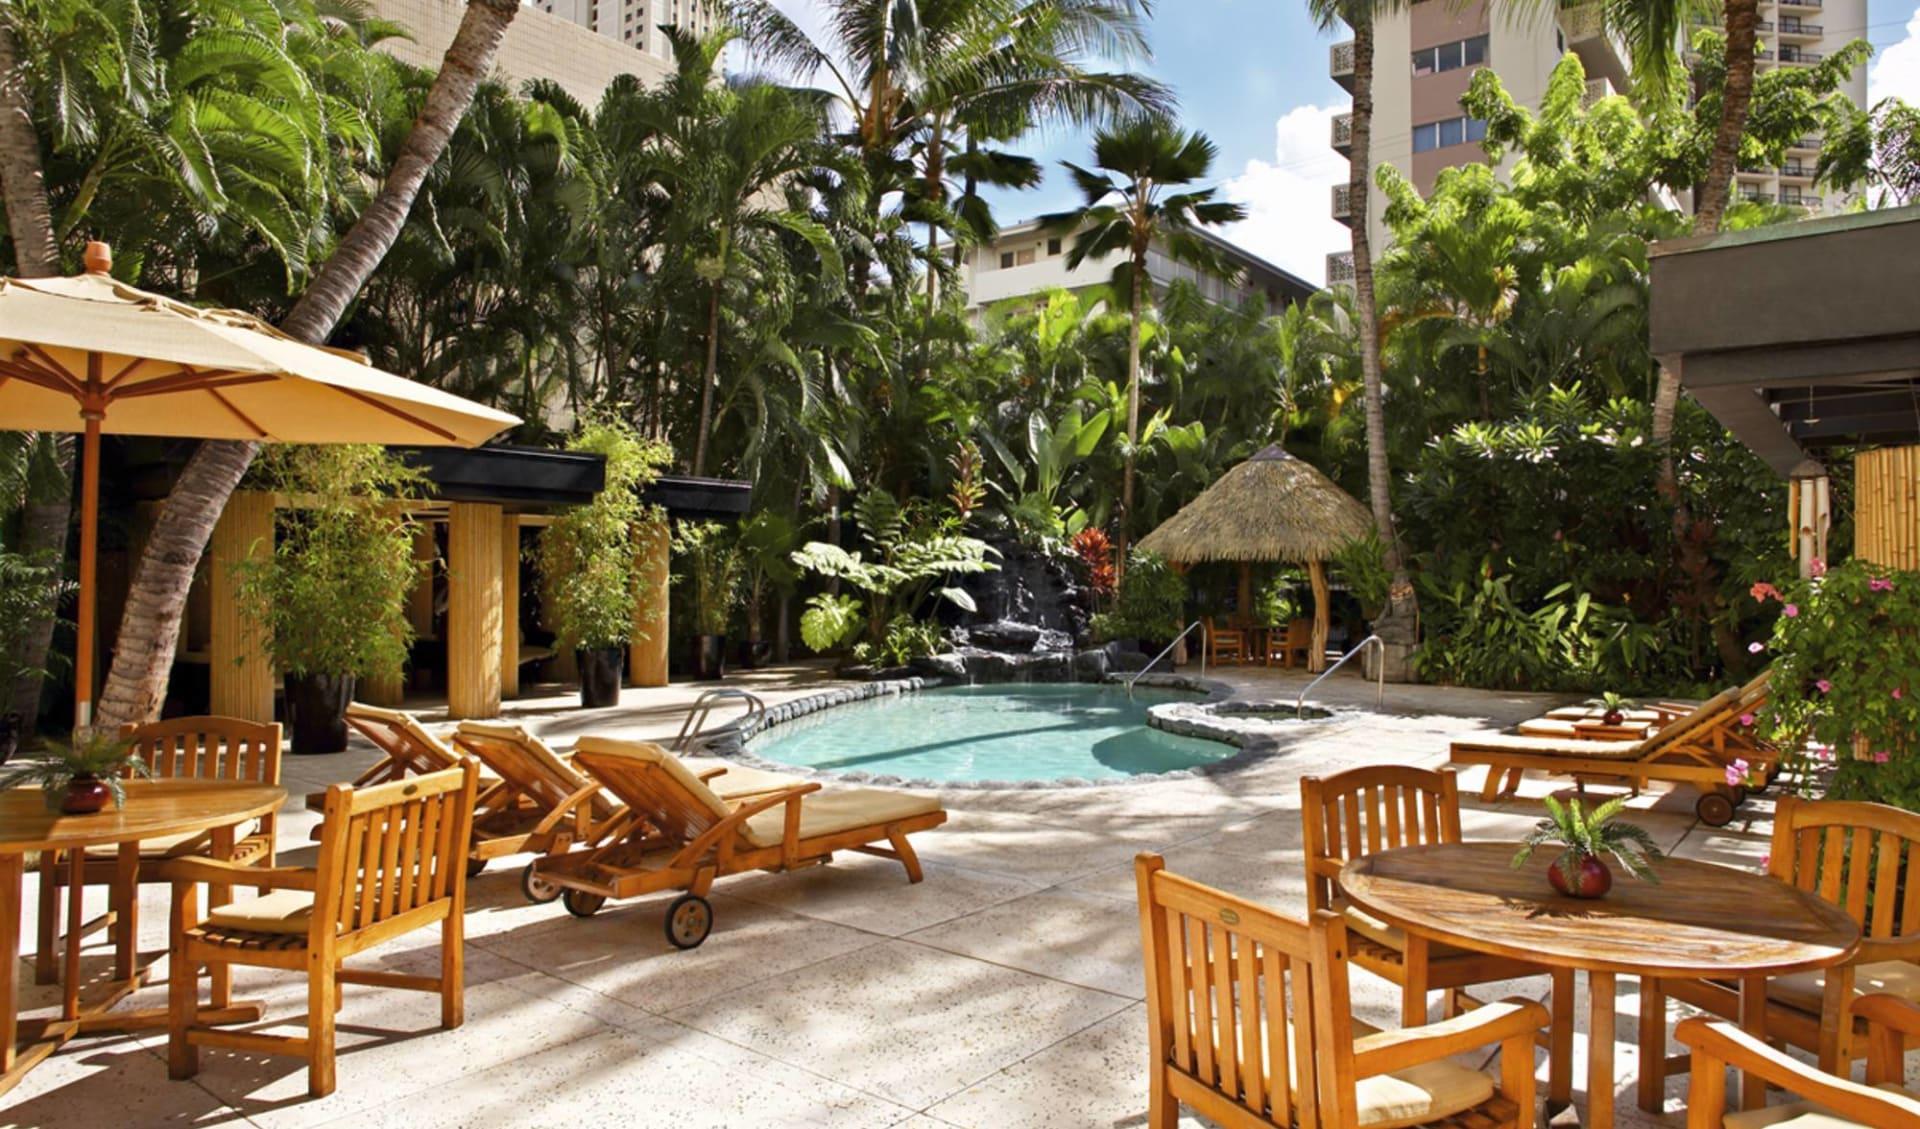 Aqua Bamboo Hotel in Honolulu - Oahu:  Aqua Bamboo Hotel - Poolanlage